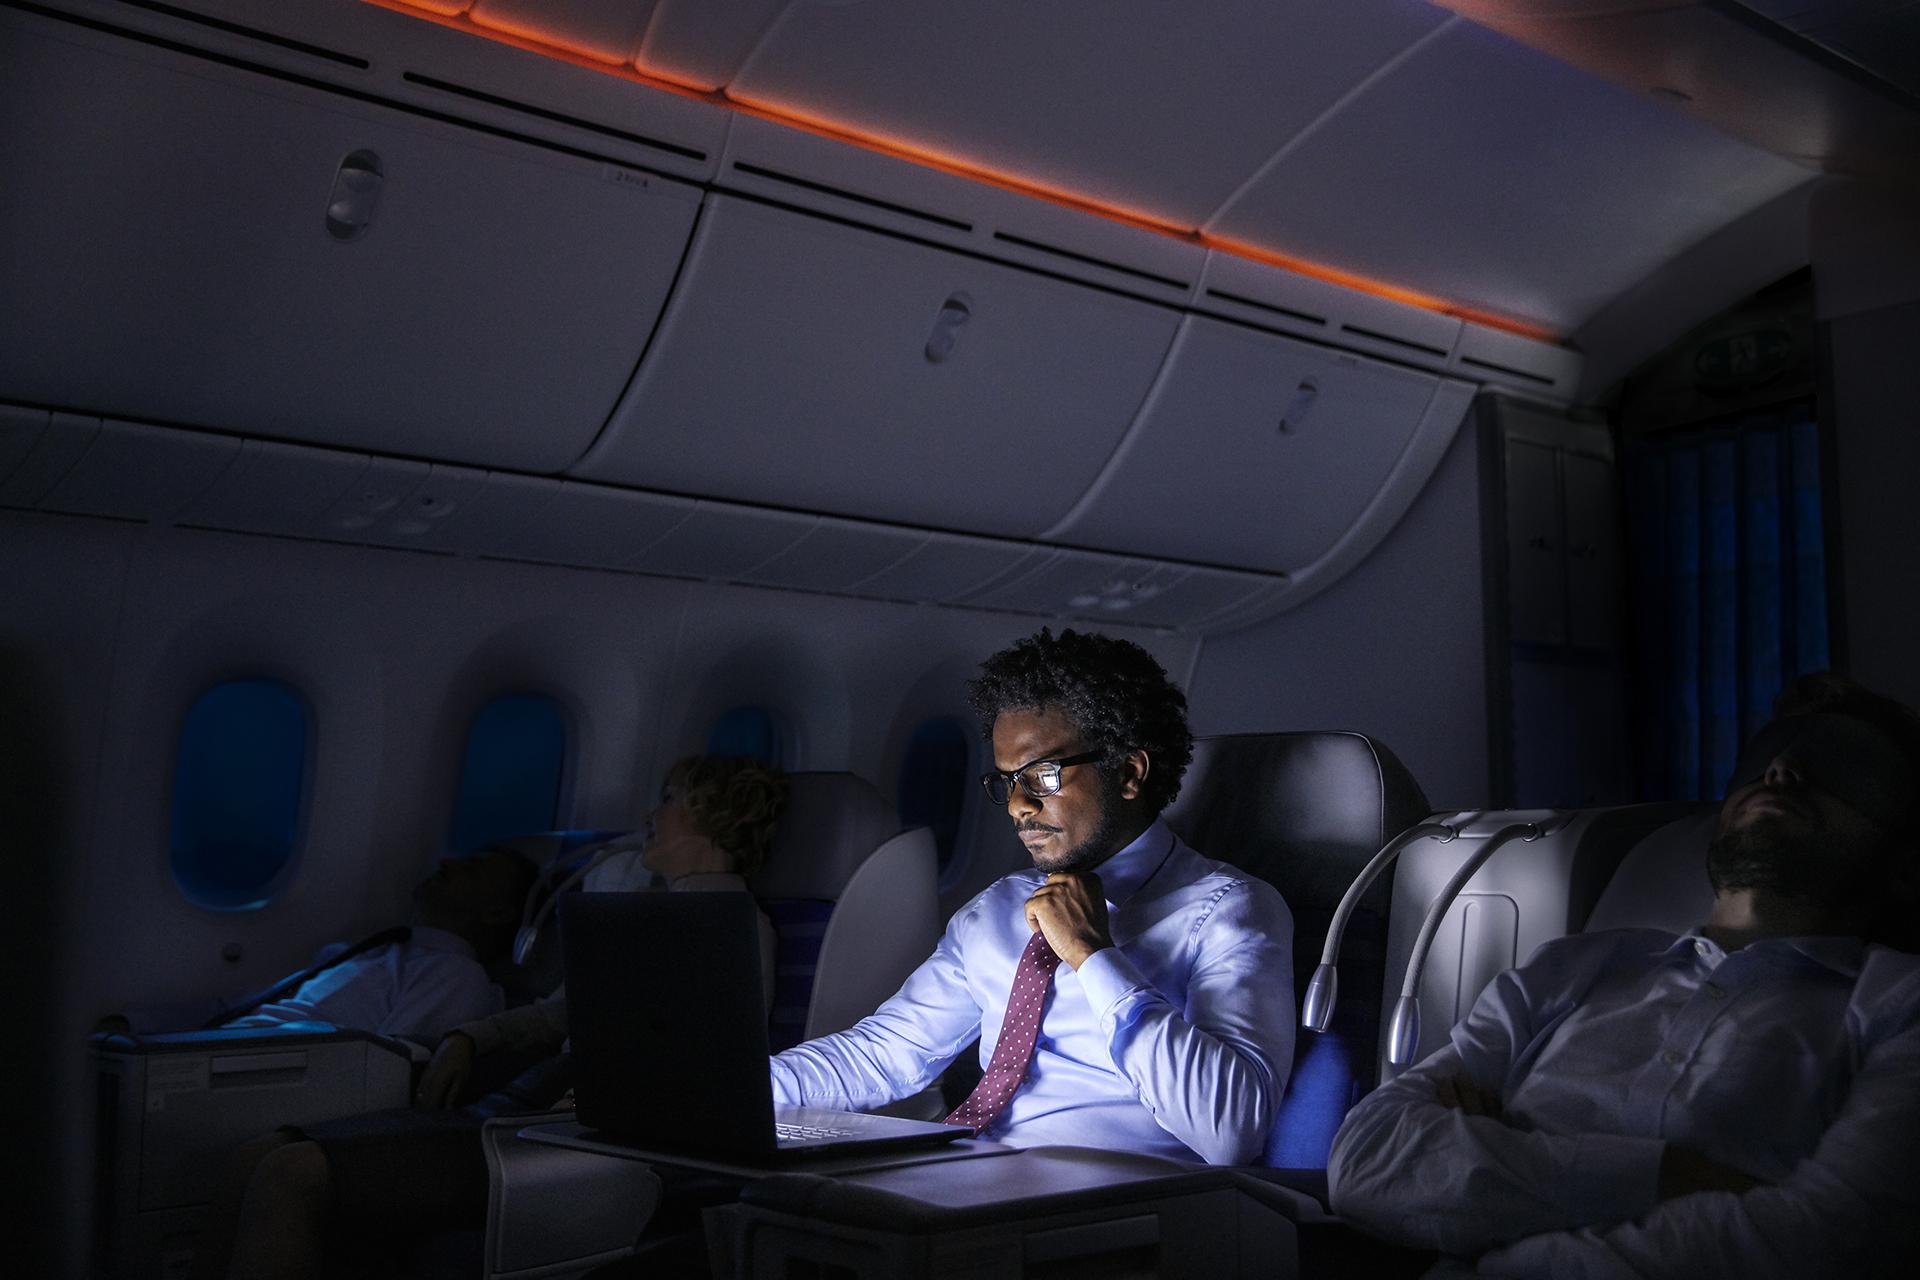 Air Europa gana cuota de mercado en el turismo de negocios gracias a la tecnología